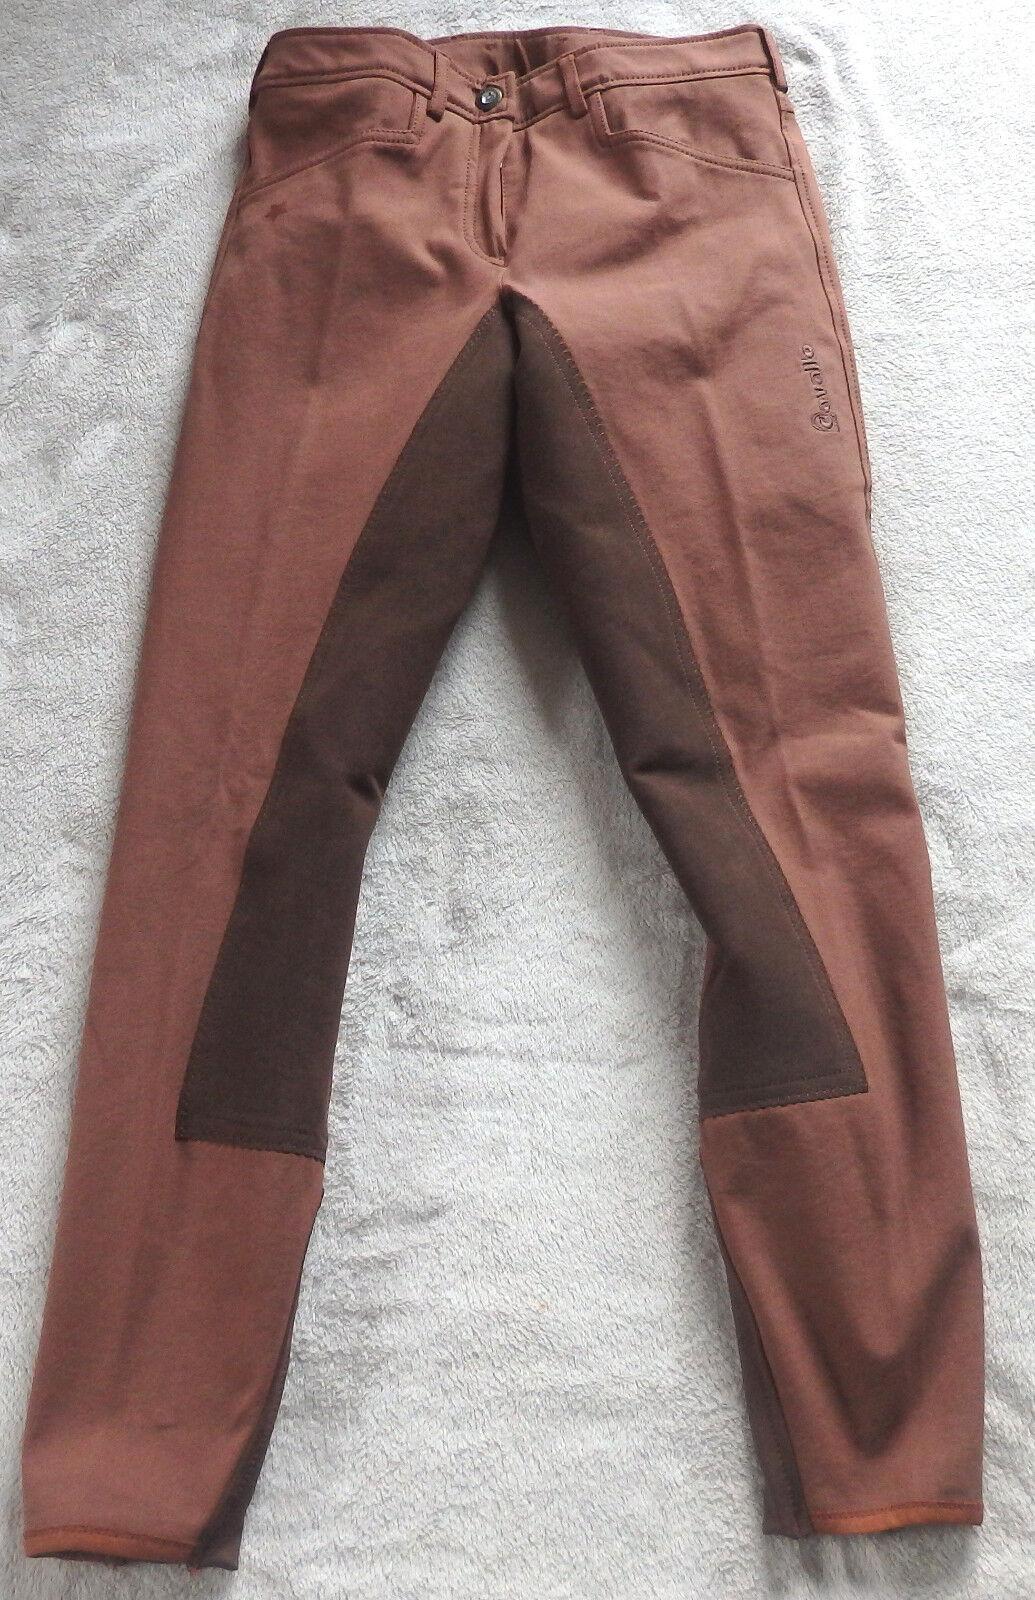 Cavallo Donna Pantaloni Montala CIVA con 3 4 guarnizione in pieno, rosse-Marroneei, tg. 36, (5579)